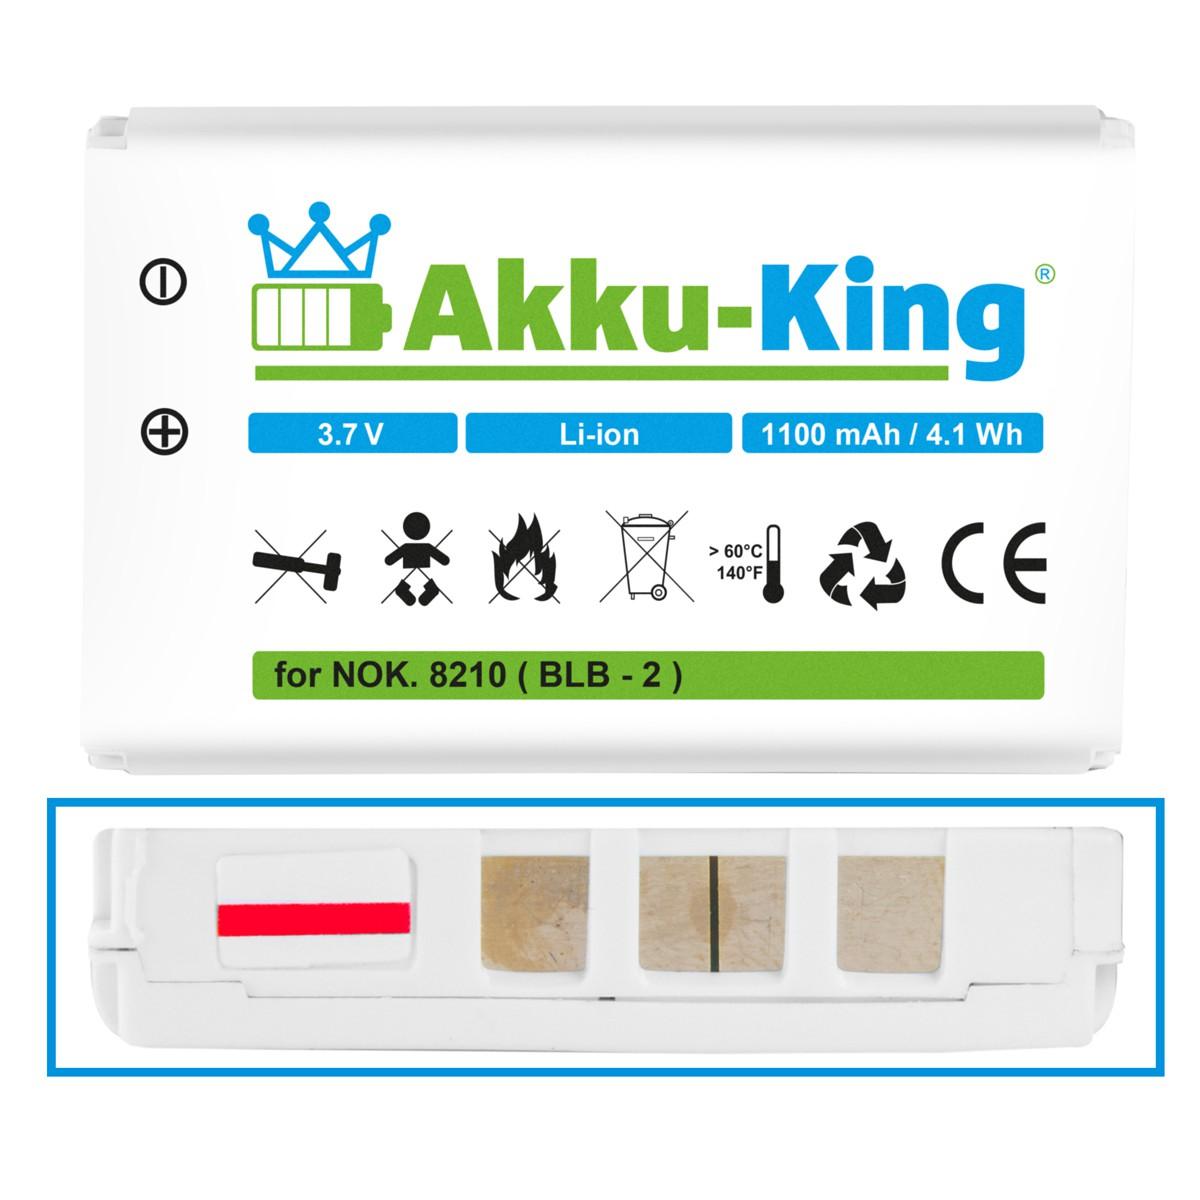 Akku für Nokia 8210, 3610, 5210, 6510, 7650, 8250, 8310, 8850, 8890, 8910i, Swiss DV 310, 320, 330 - ersetzt BLB-2, 300-203712001 - Li-Ion 1100mAh